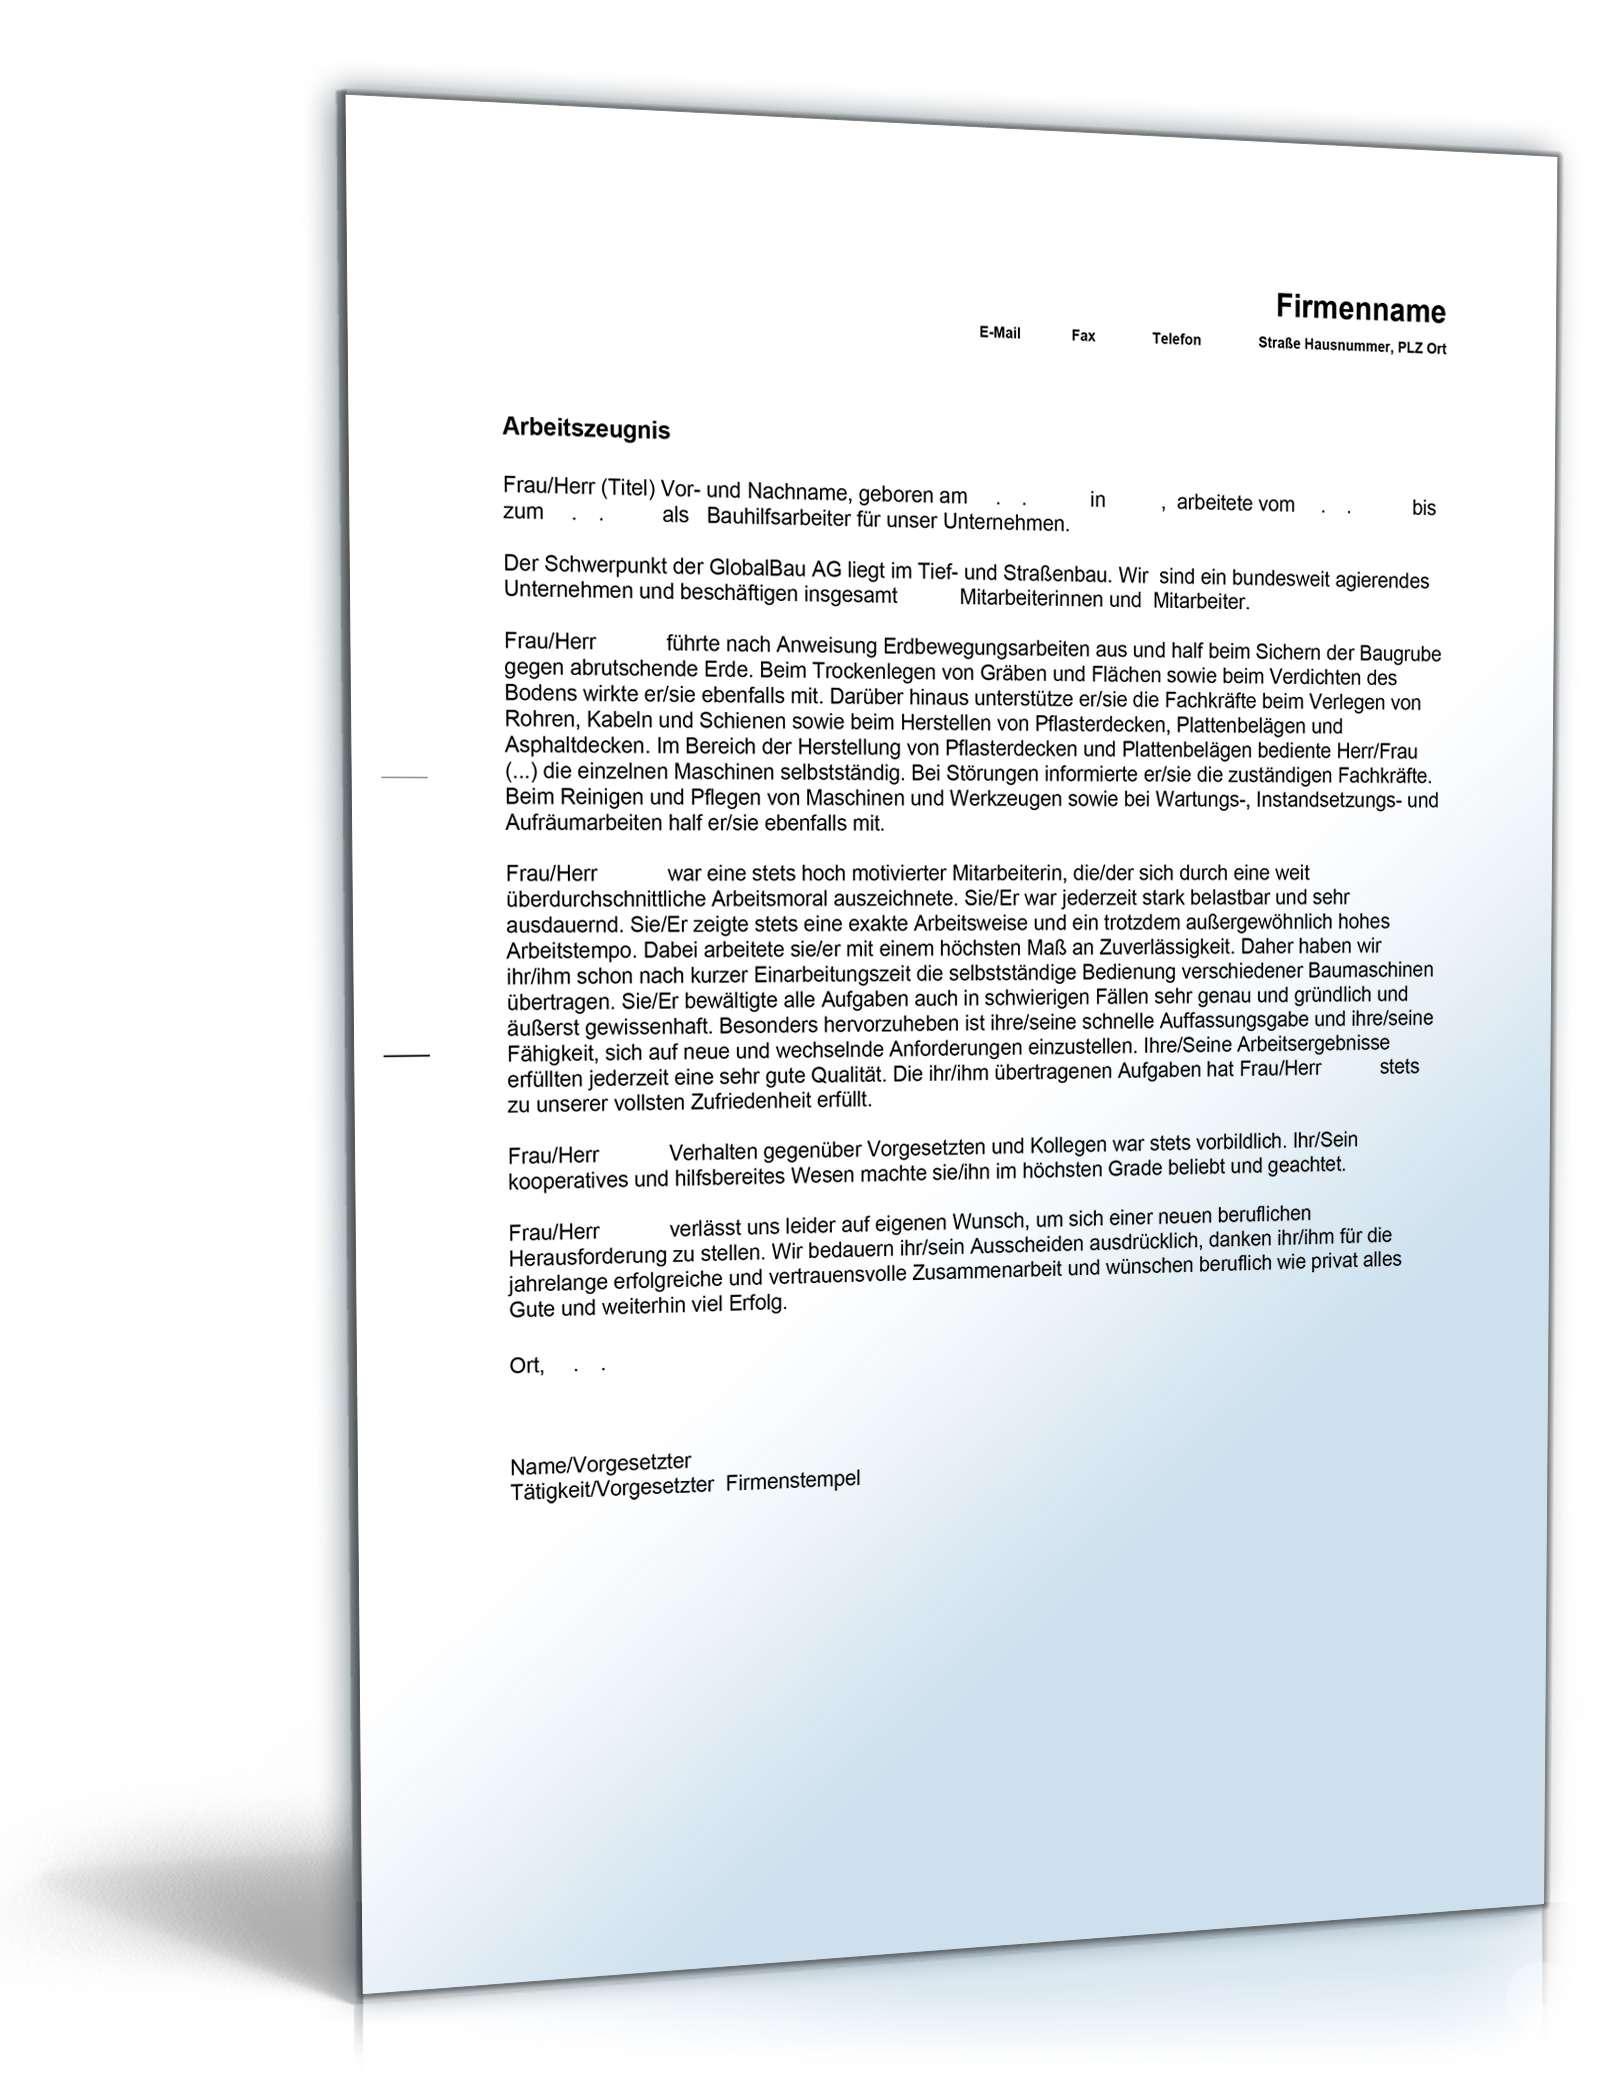 Charmant Betreff Zugriffsanfrage Vorlage Ideen - Entry Level Resume ...